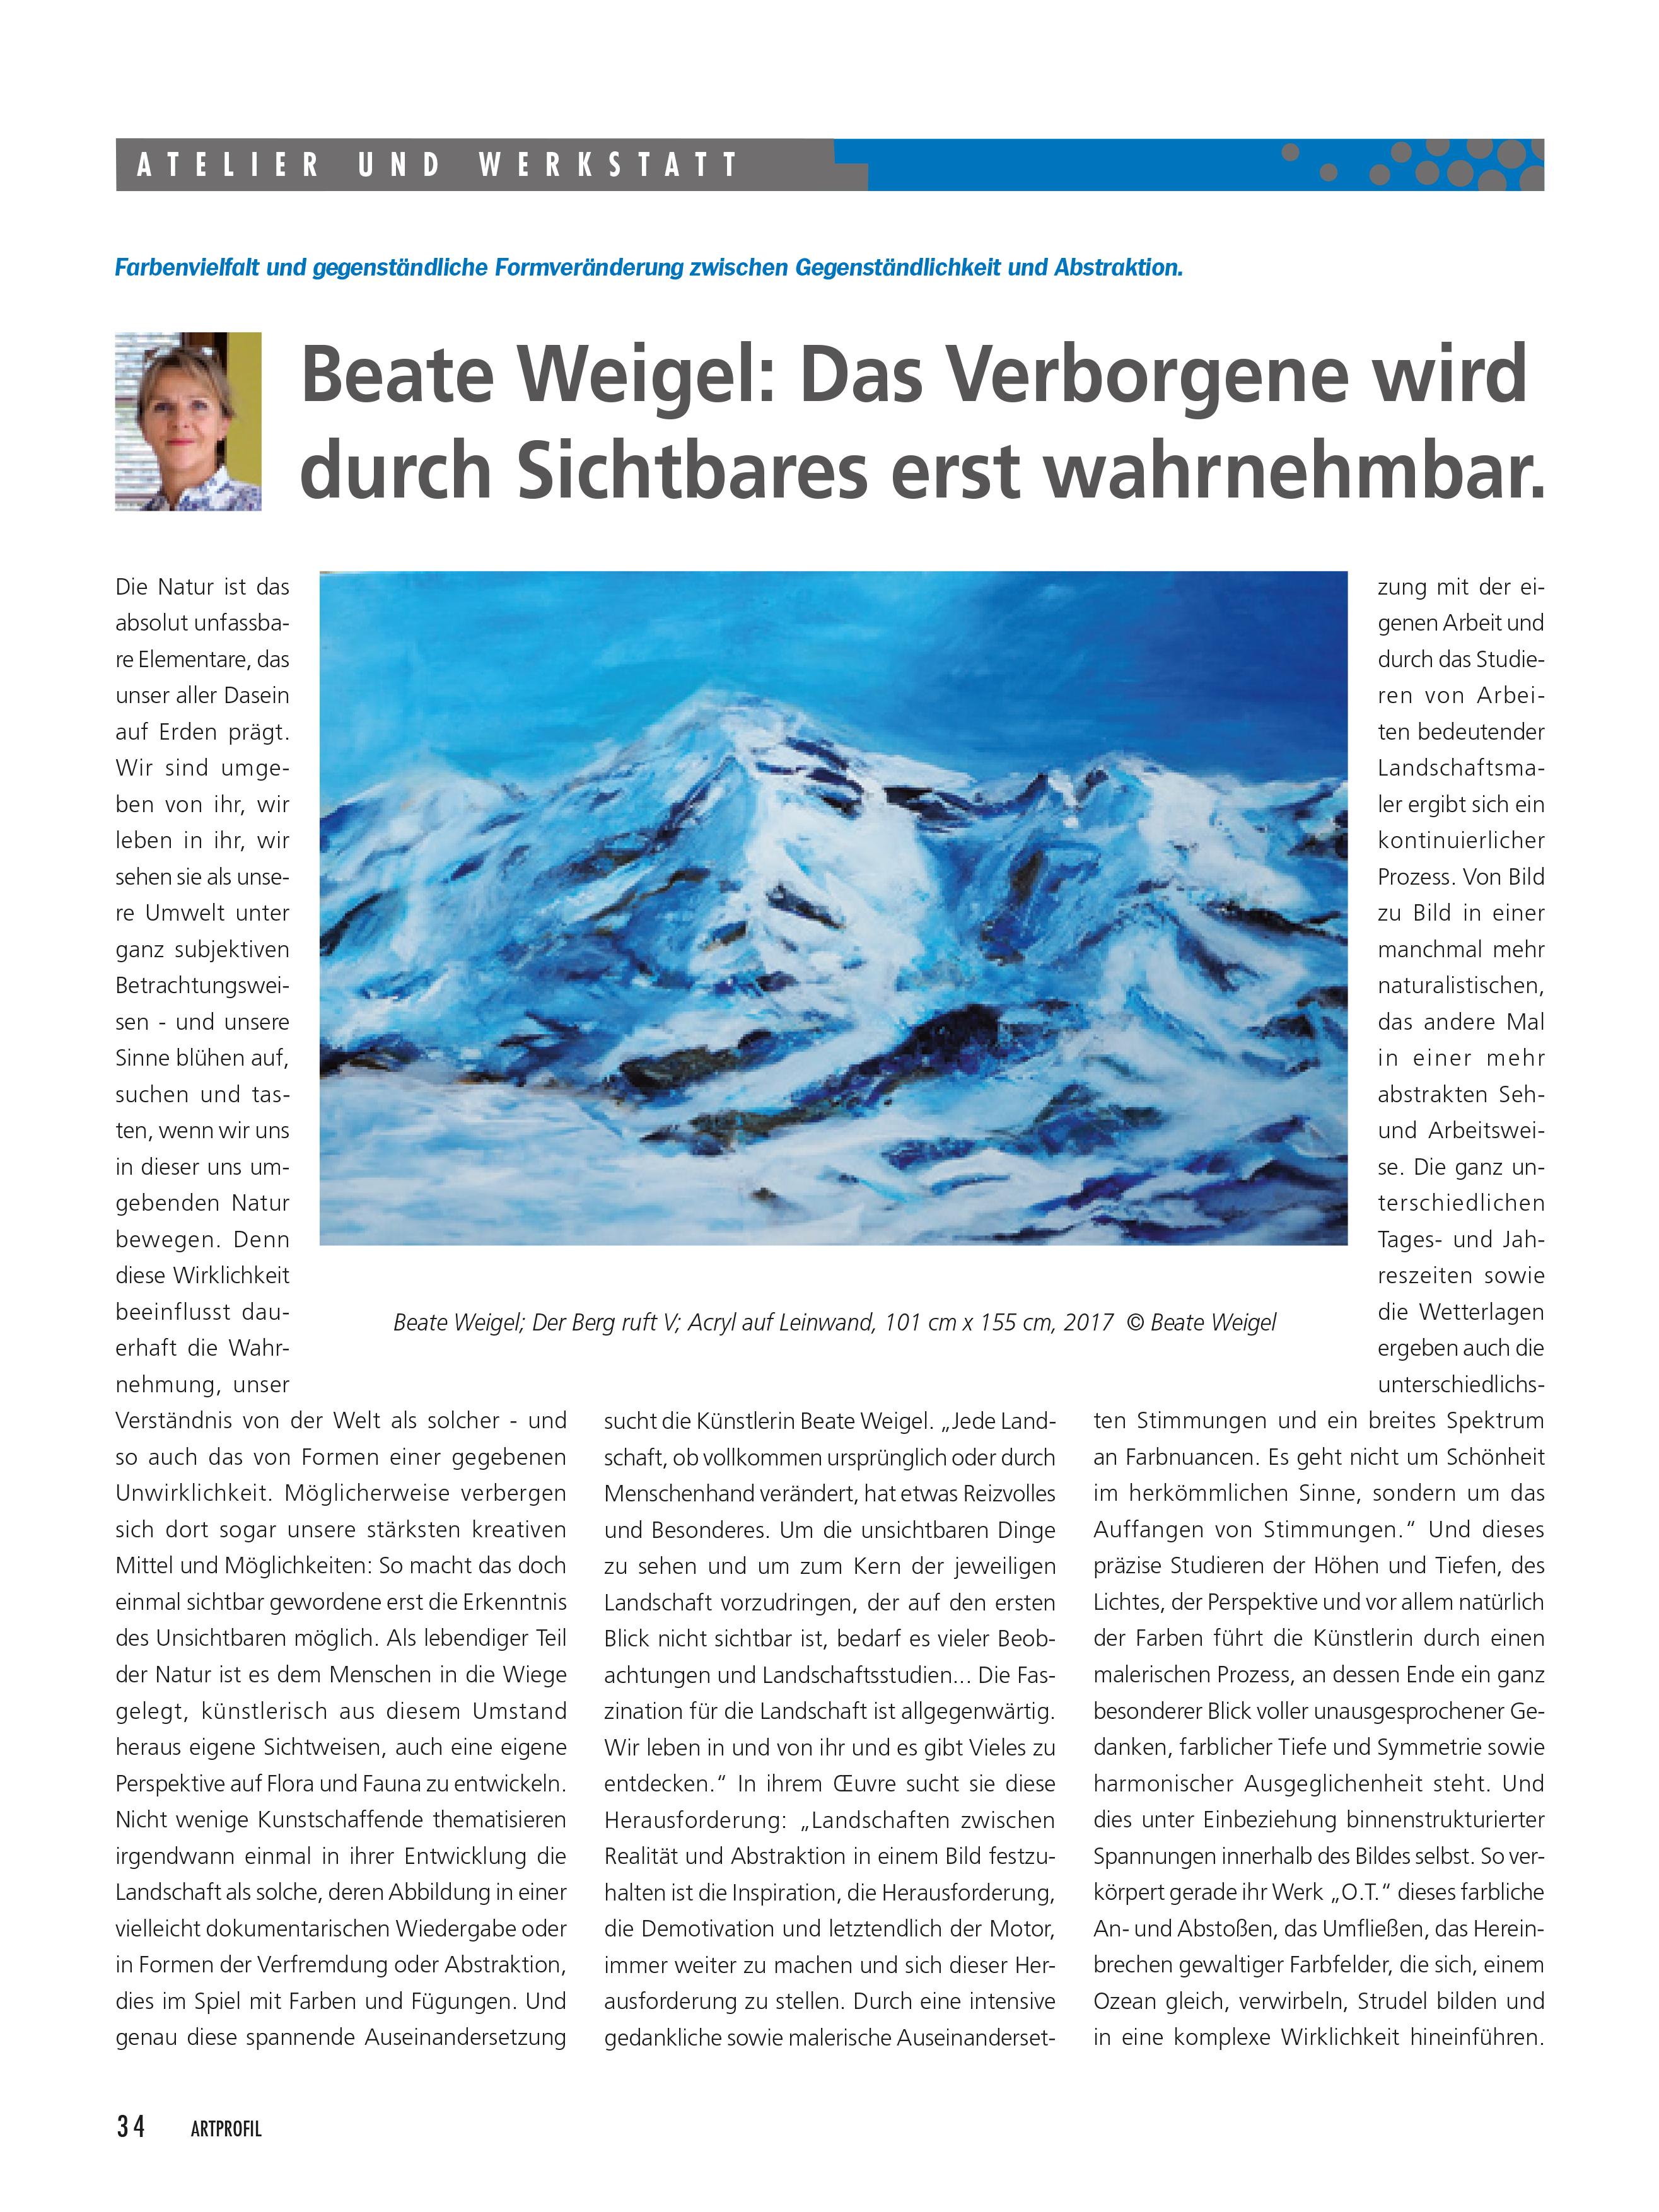 Ein Bericht aus ARTPROFIL - Magazin für Kunst, Heft 132, © SYNTAX. Projektfabrik GmbH, 68219 Mannheim, Deutschland,